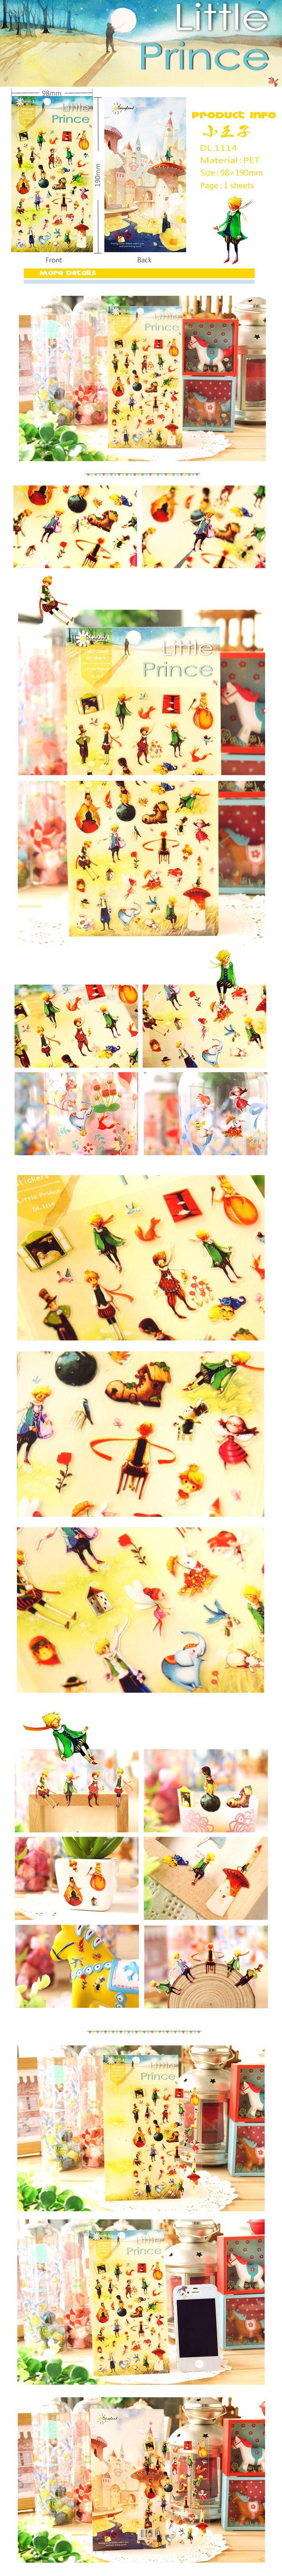 Nuovo stile del fumetto adesivi animali giraffa cane materiale pvc adesivo per scrapbooking decorazione del diario in   [Xlmodel]-[prodotti]-[23232]  [Xlmodel]-[prodotti]-[23232]  [Xlmodel]-[prodotti]-[23232]  [Xlmodel]-[prodotti]-[23232]da Rilievi di appunto su AliExpress.com | Gruppo Alibaba